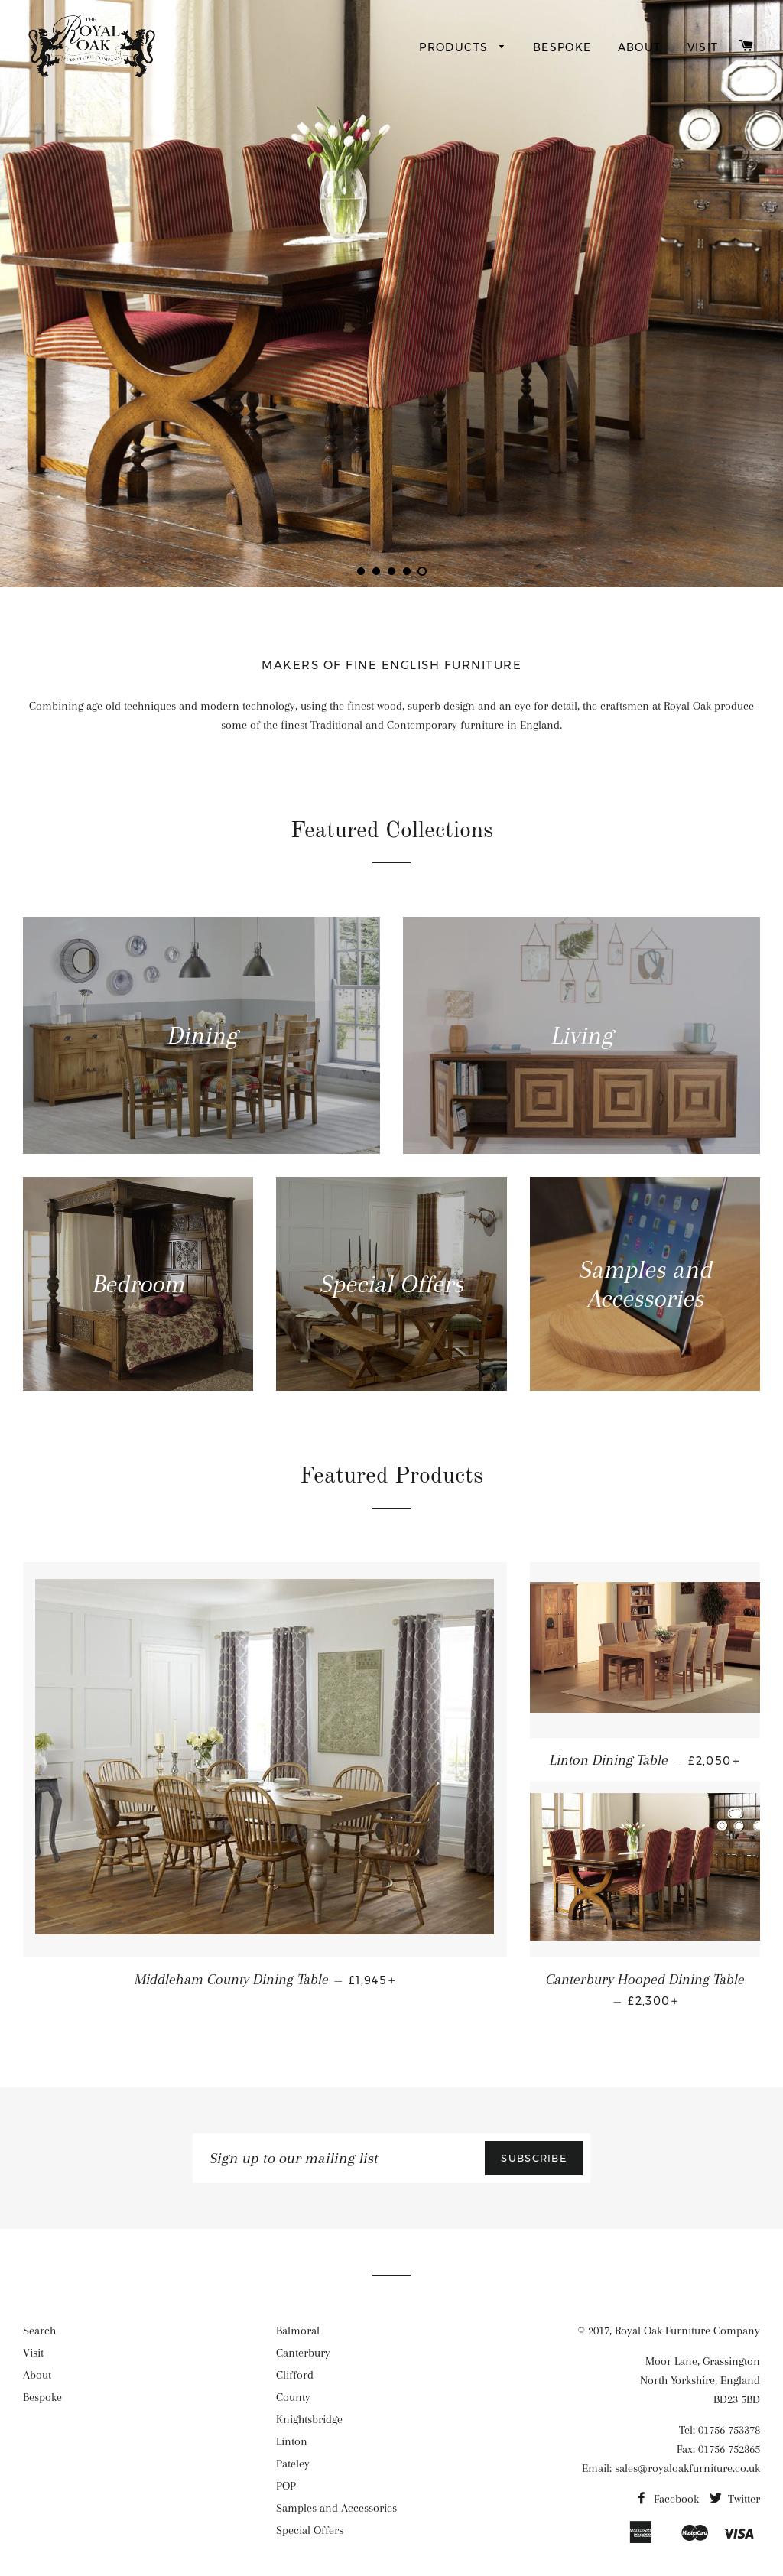 Royal Oak Furniture Website History